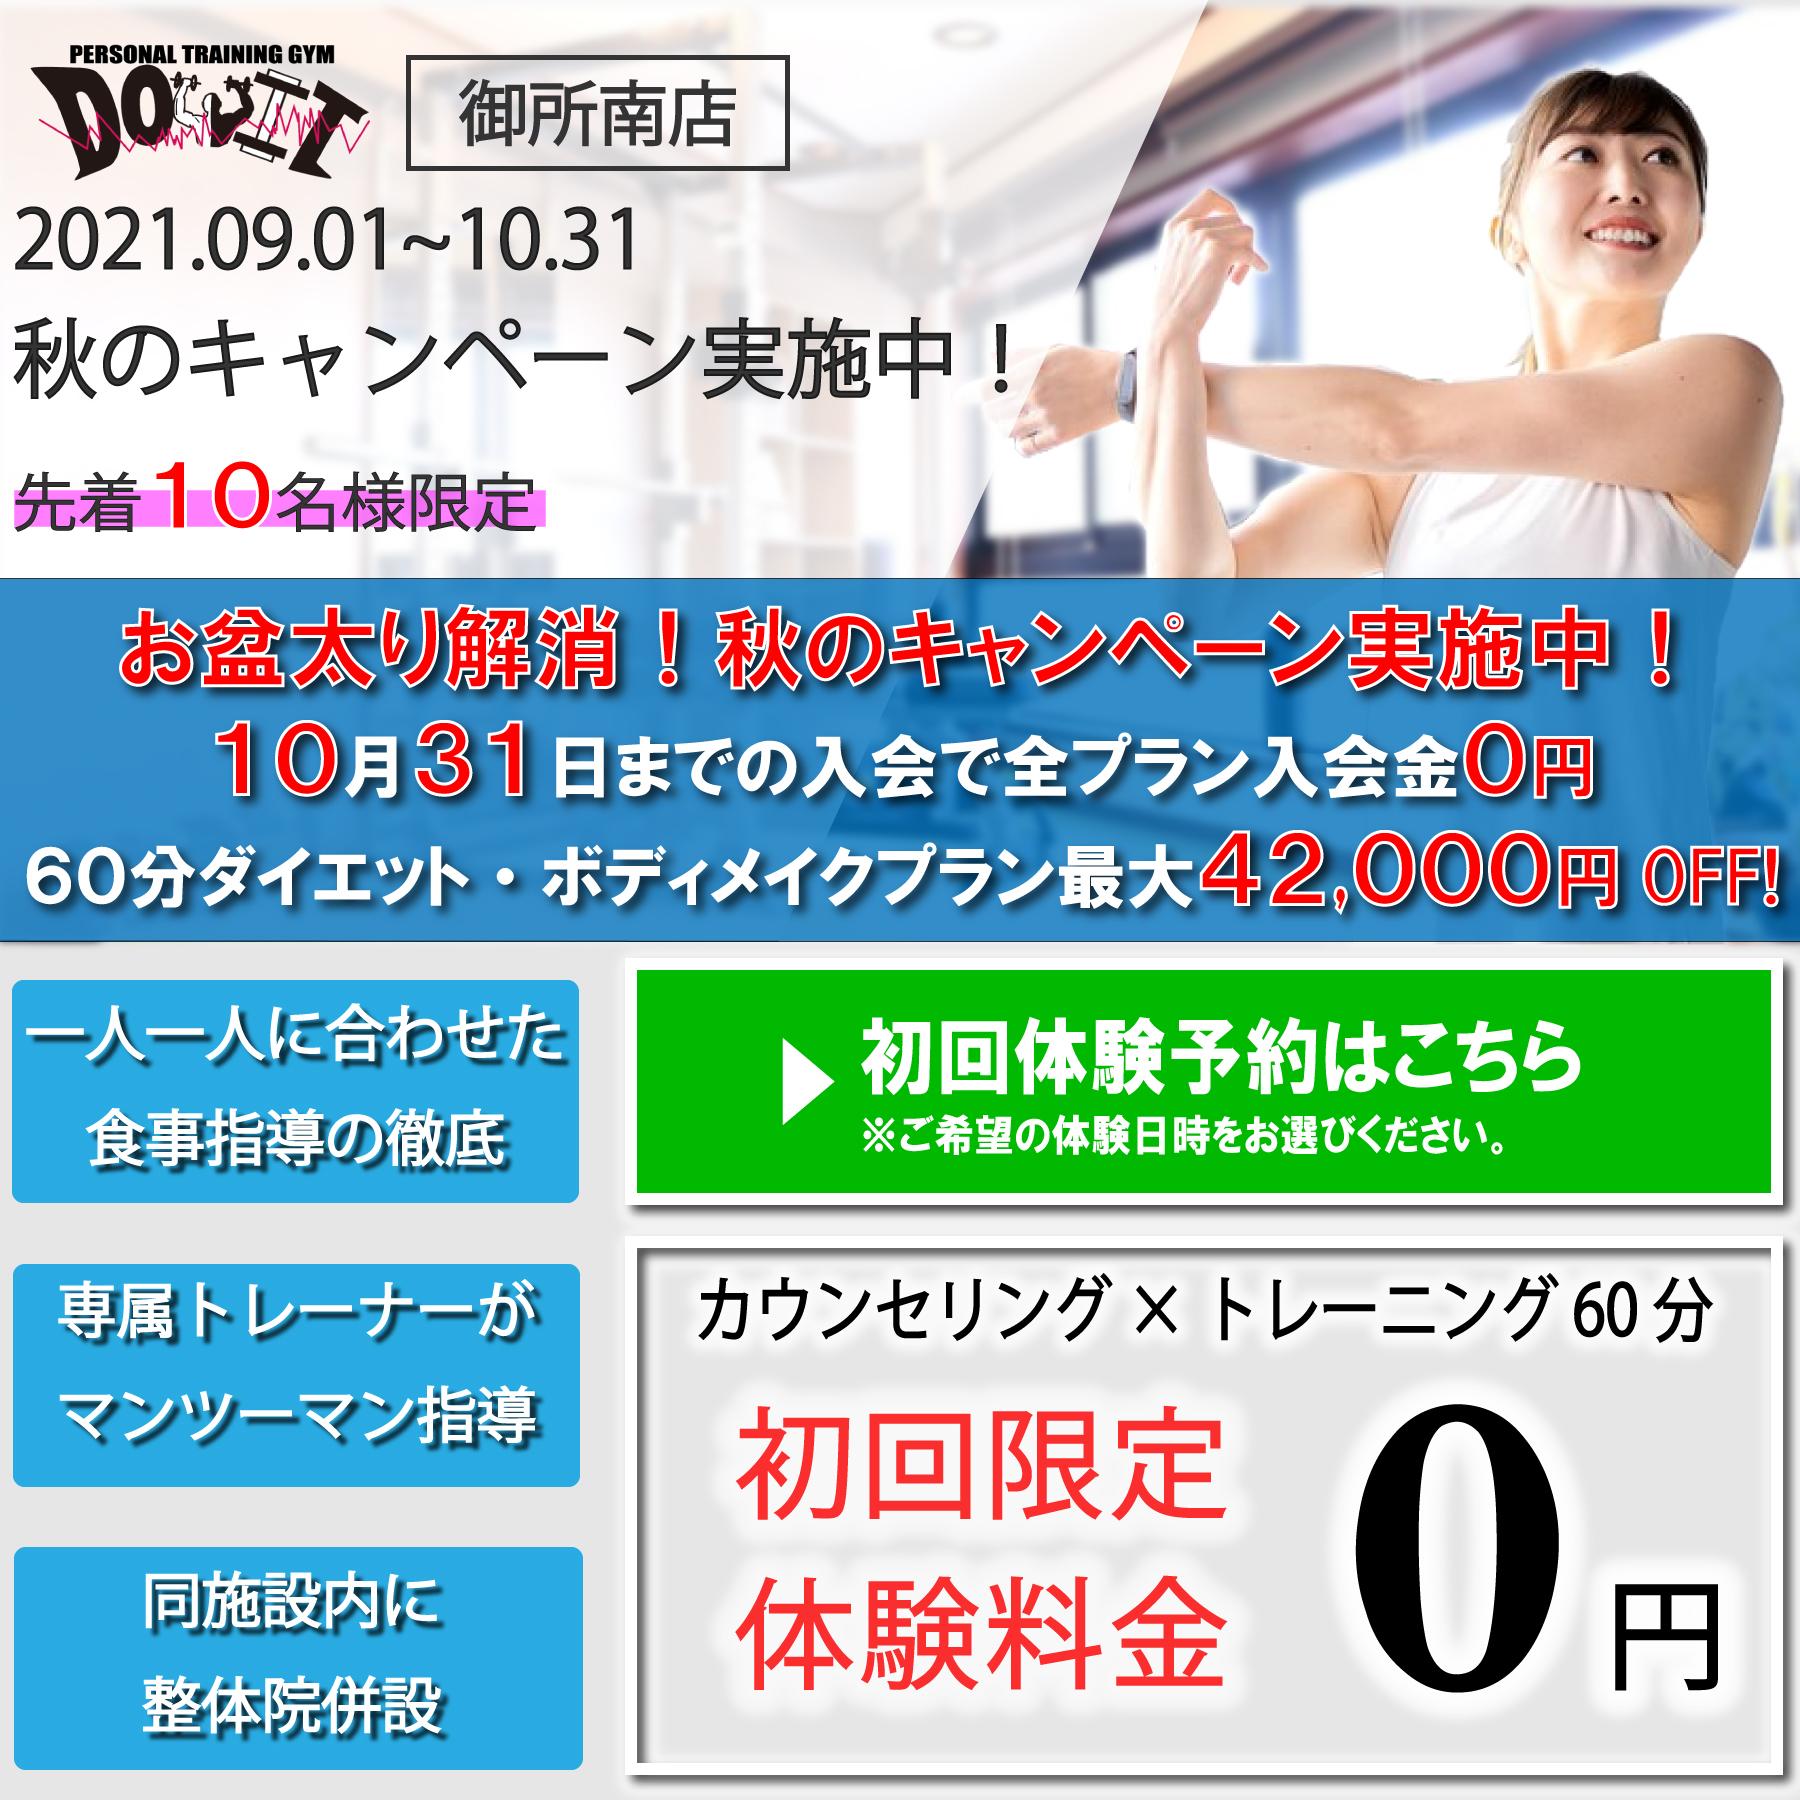 御所南店TOP秋のキャンペーン--.jpg